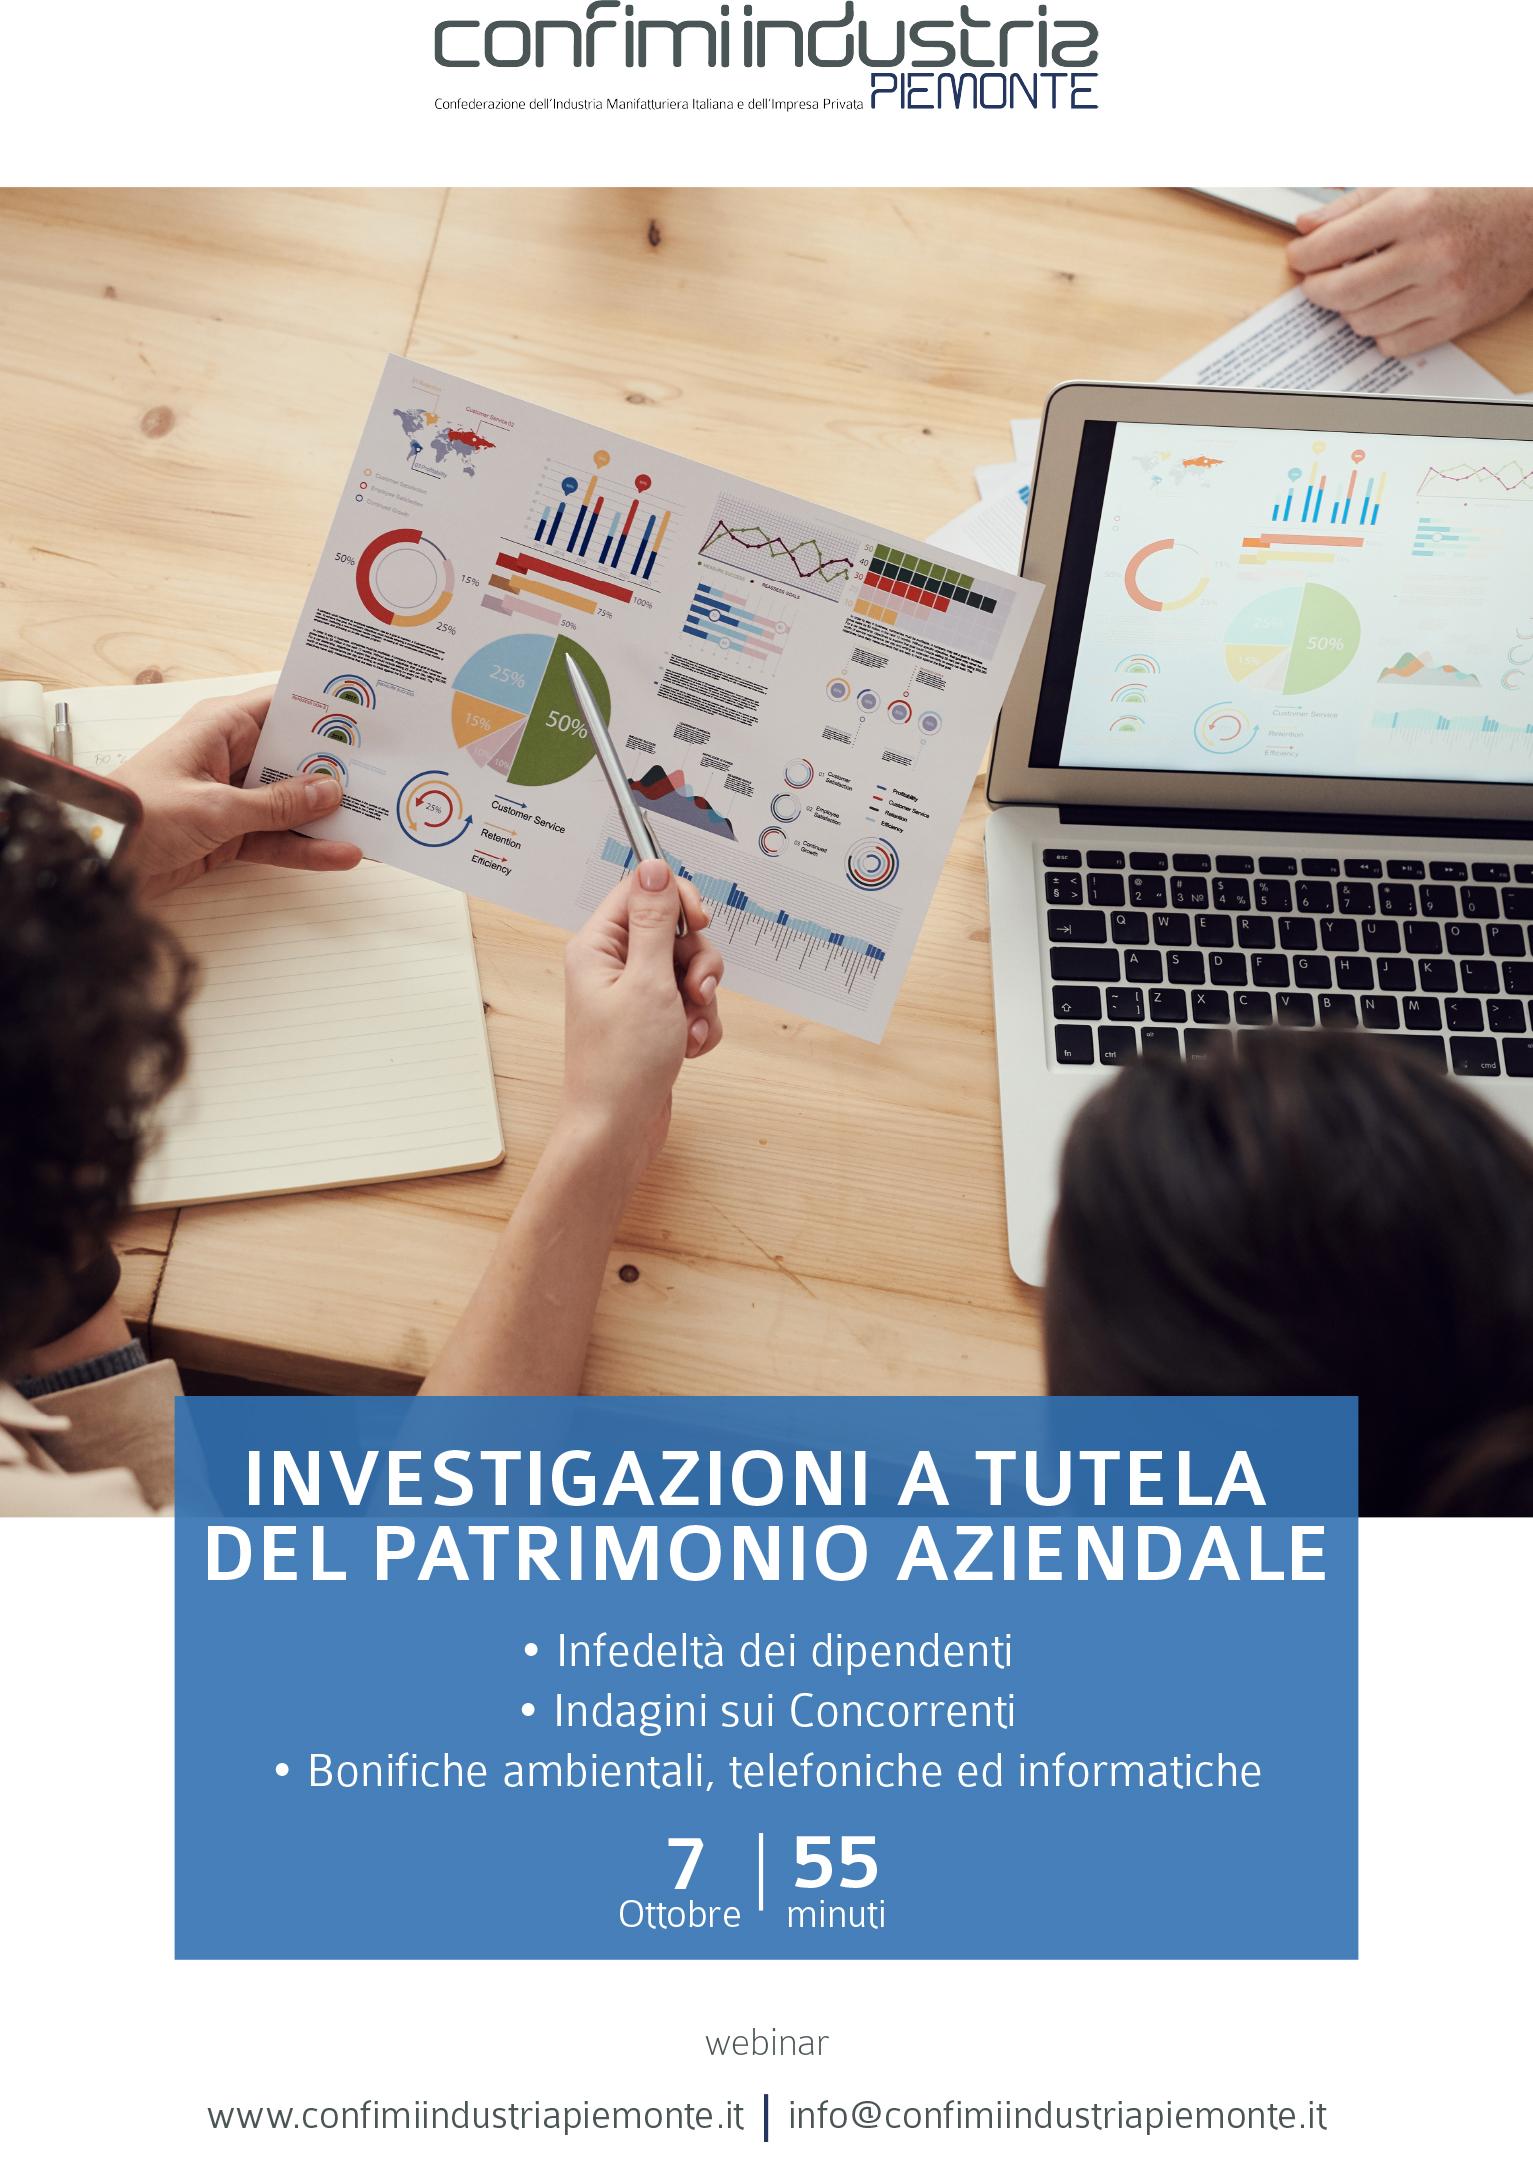 Flyer - Investigazioni a tutela del patrimonio aziendale